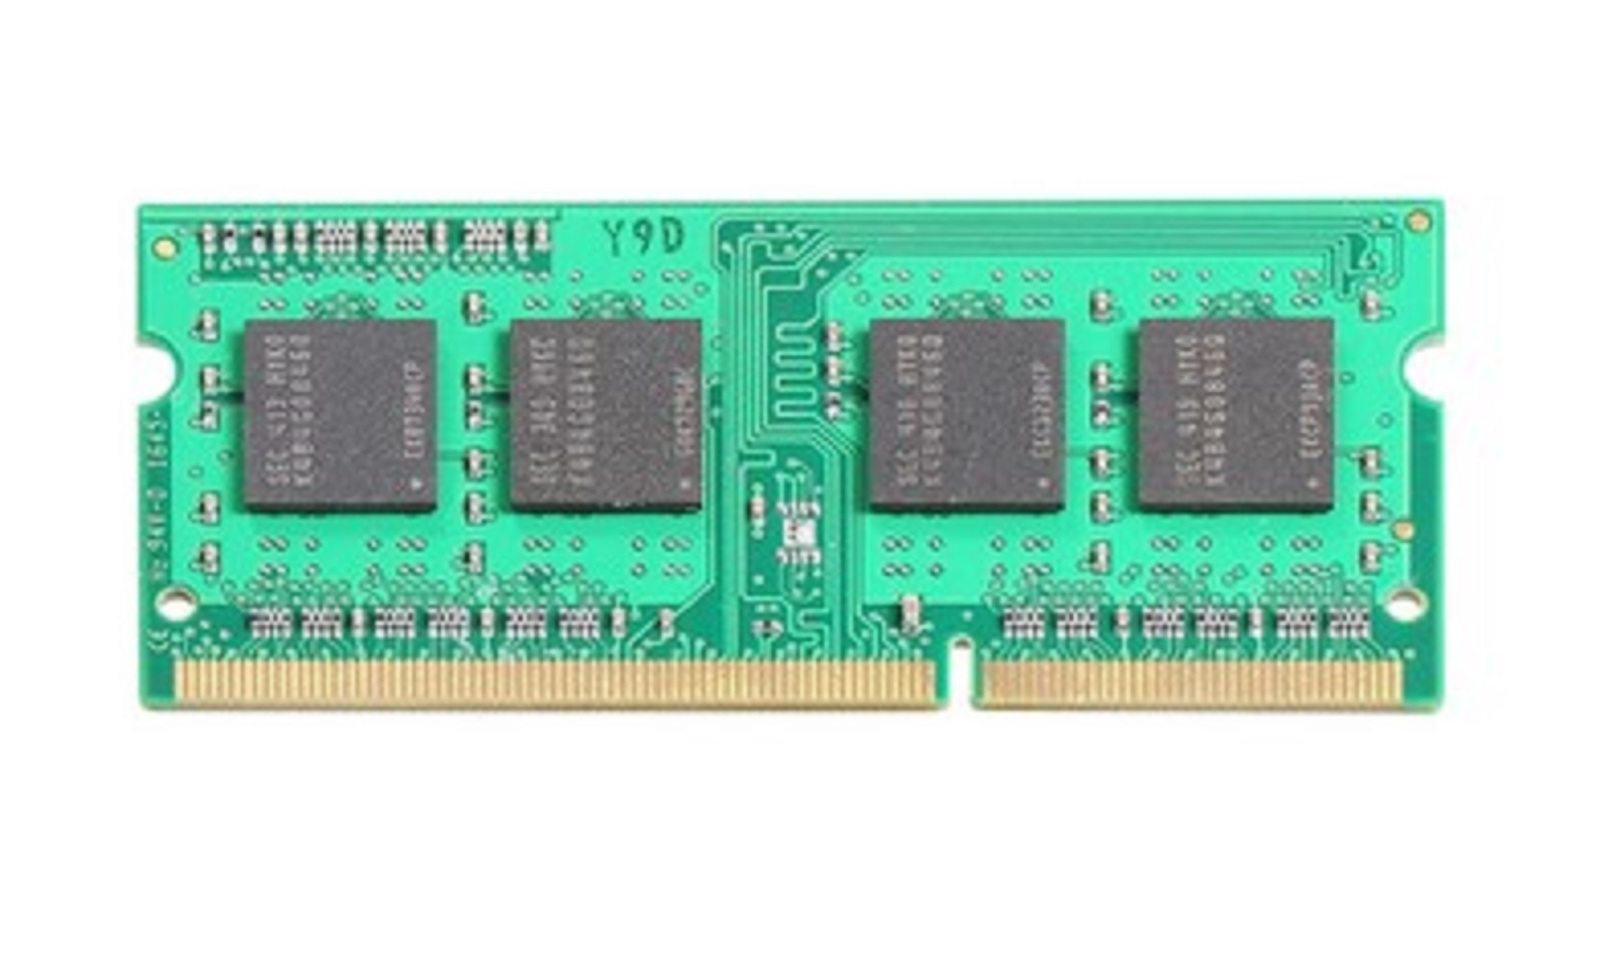 DDR3L 4GB 1333MHz Ram Memory DDR 3L PC3-12800 204PIN Compatible All Intel AMD - $96.00